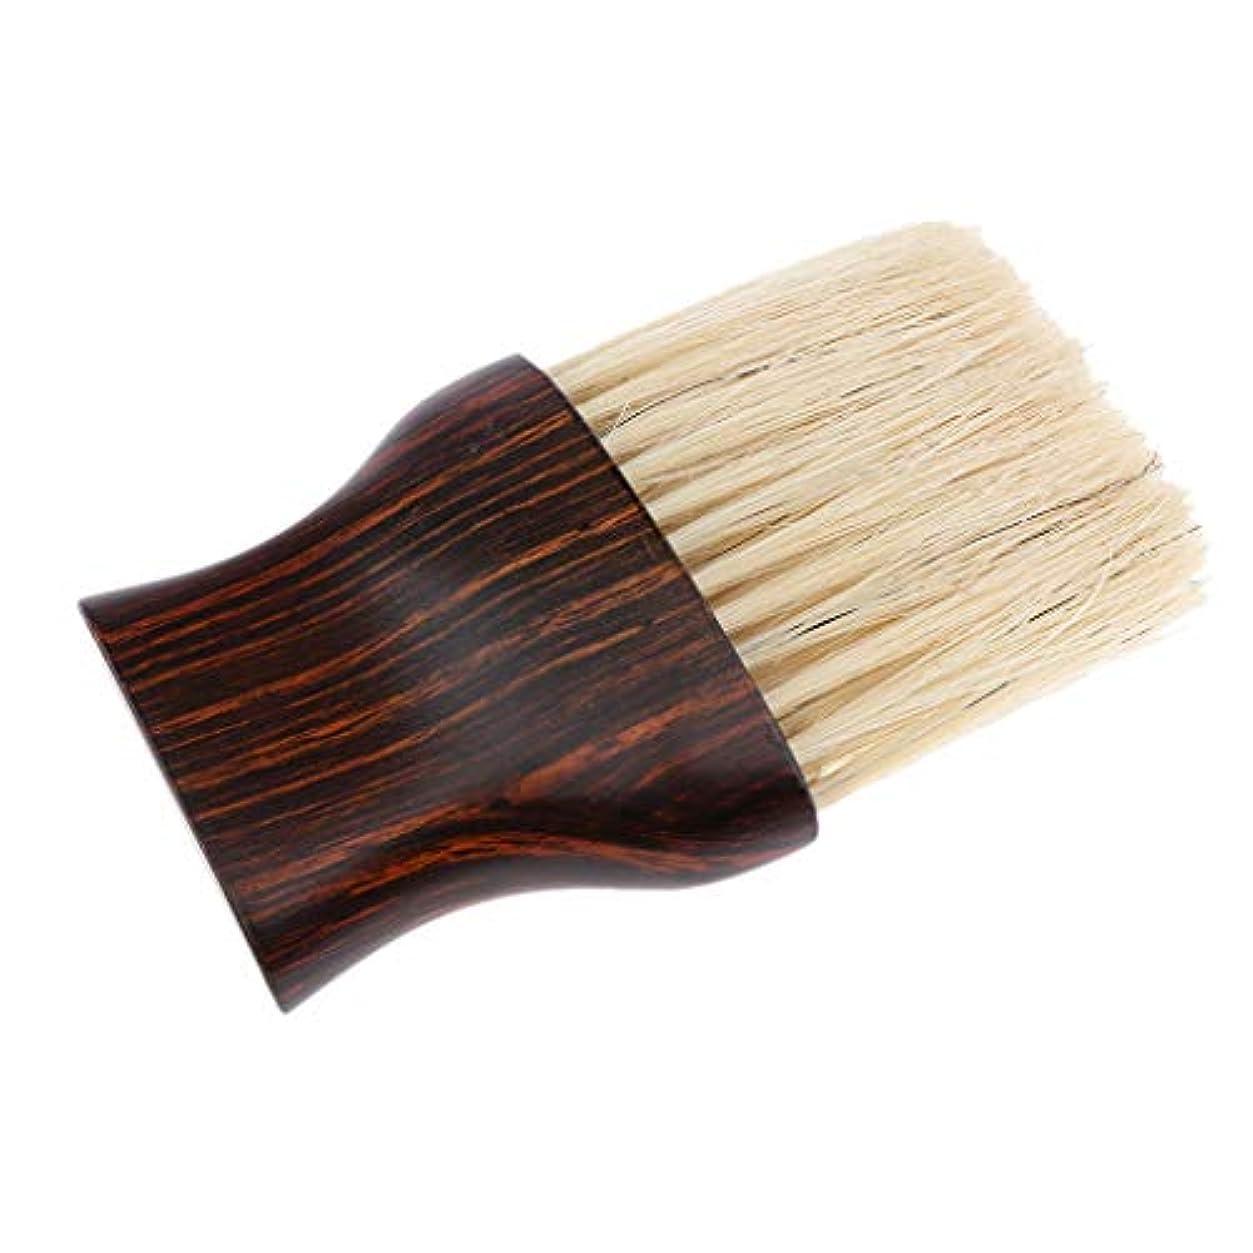 話す運賃減るT TOOYFUL ヘアブラシ 毛払いブラシ 散髪 髪切り 散髪用ツール 床屋 理髪店 美容院 ソフトブラシ